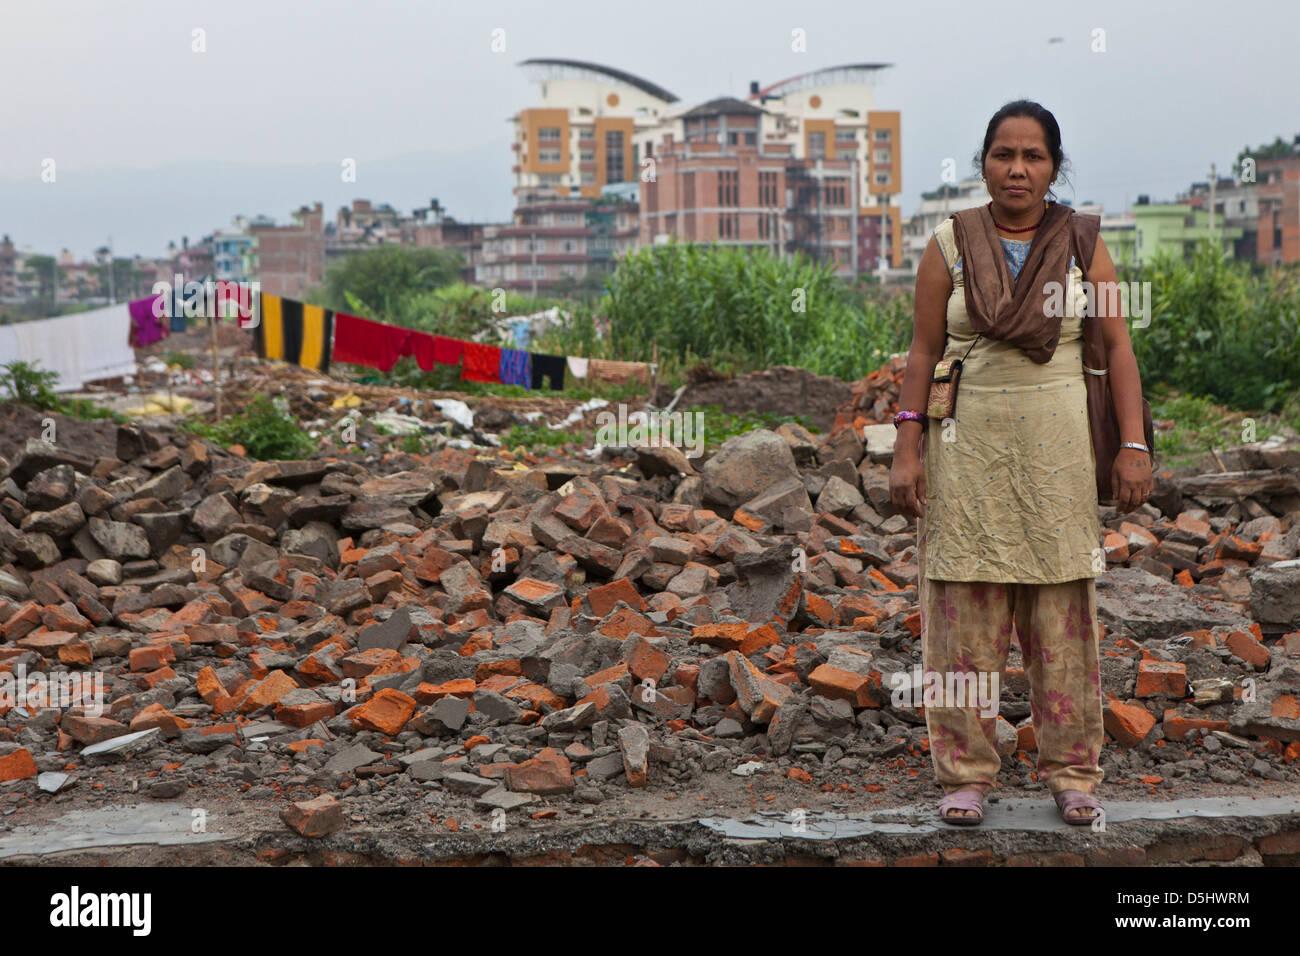 United Nations Park, in Paurakhi Basti, Kathmandu, Nepal. Once a slum housing many but demolished by government - Stock Image